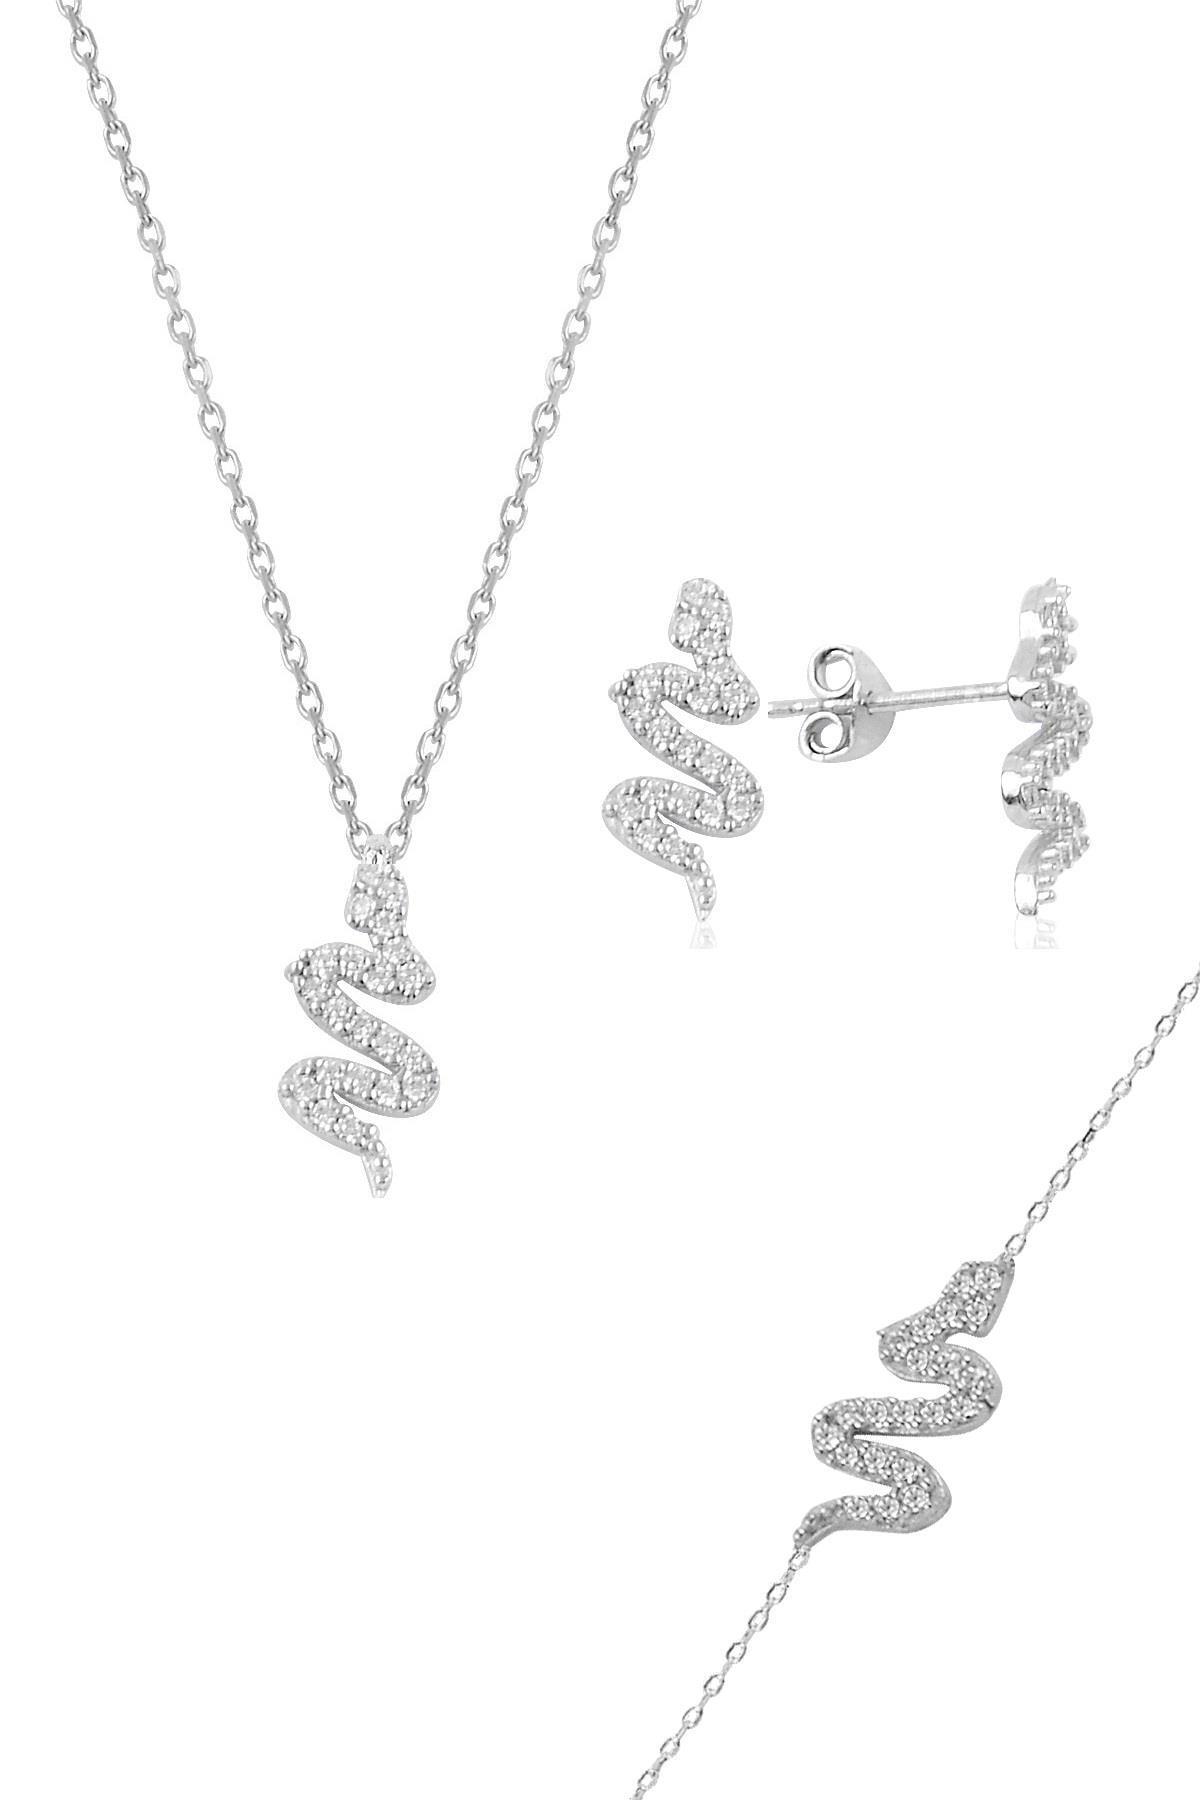 Söğütlü Silver Gümüş rodyumlu zirkon taşlı gümüş yılan üçlü set